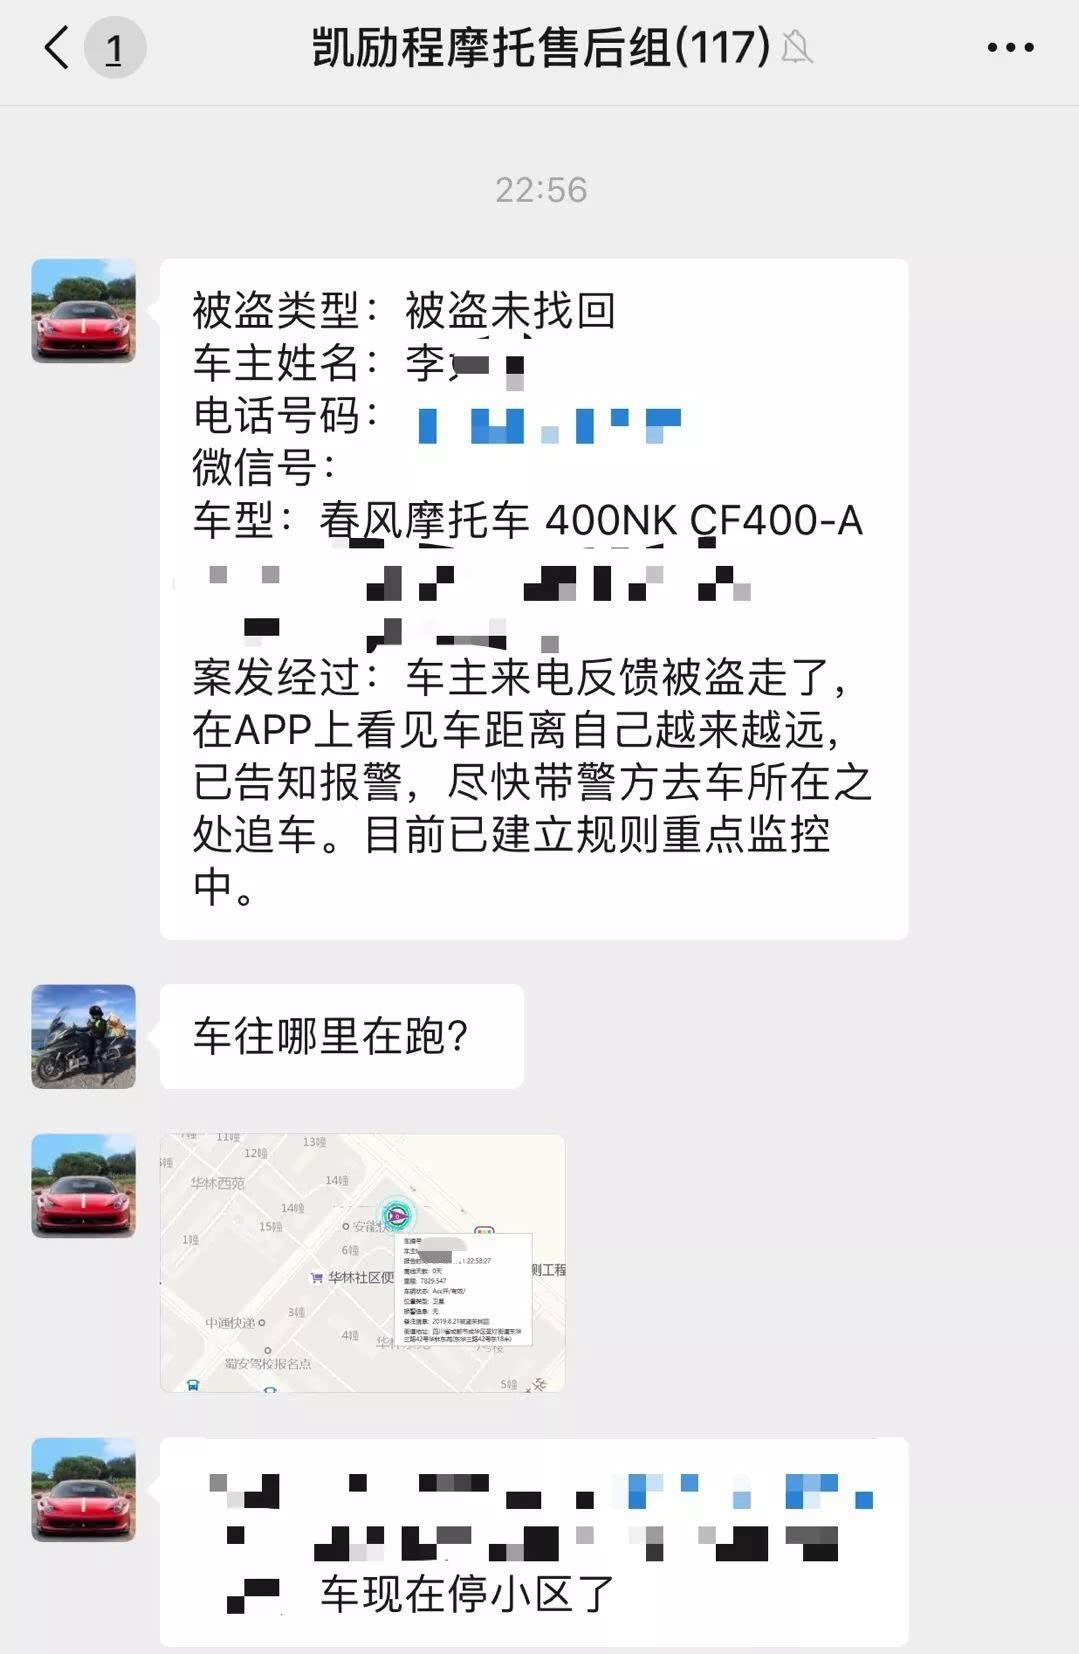 春风400NK被盗,30分钟成功找回